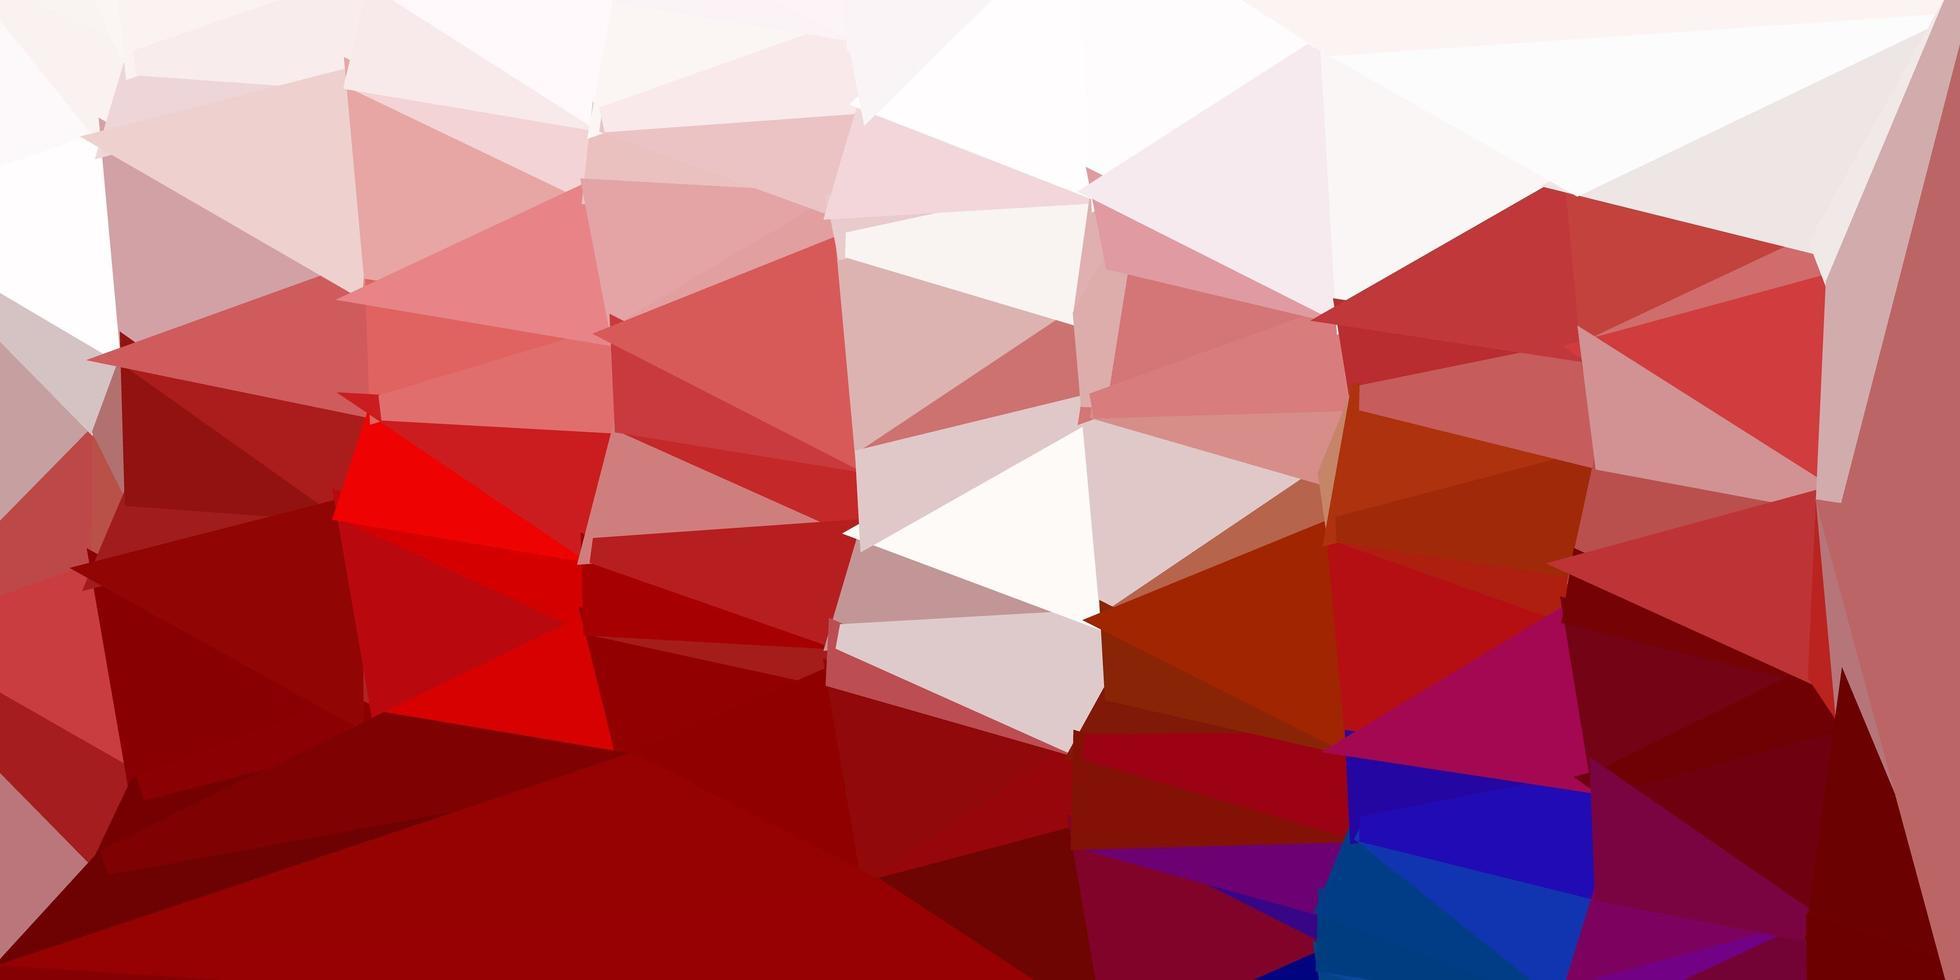 fond de mosaïque triangle vecteur bleu foncé, rouge.